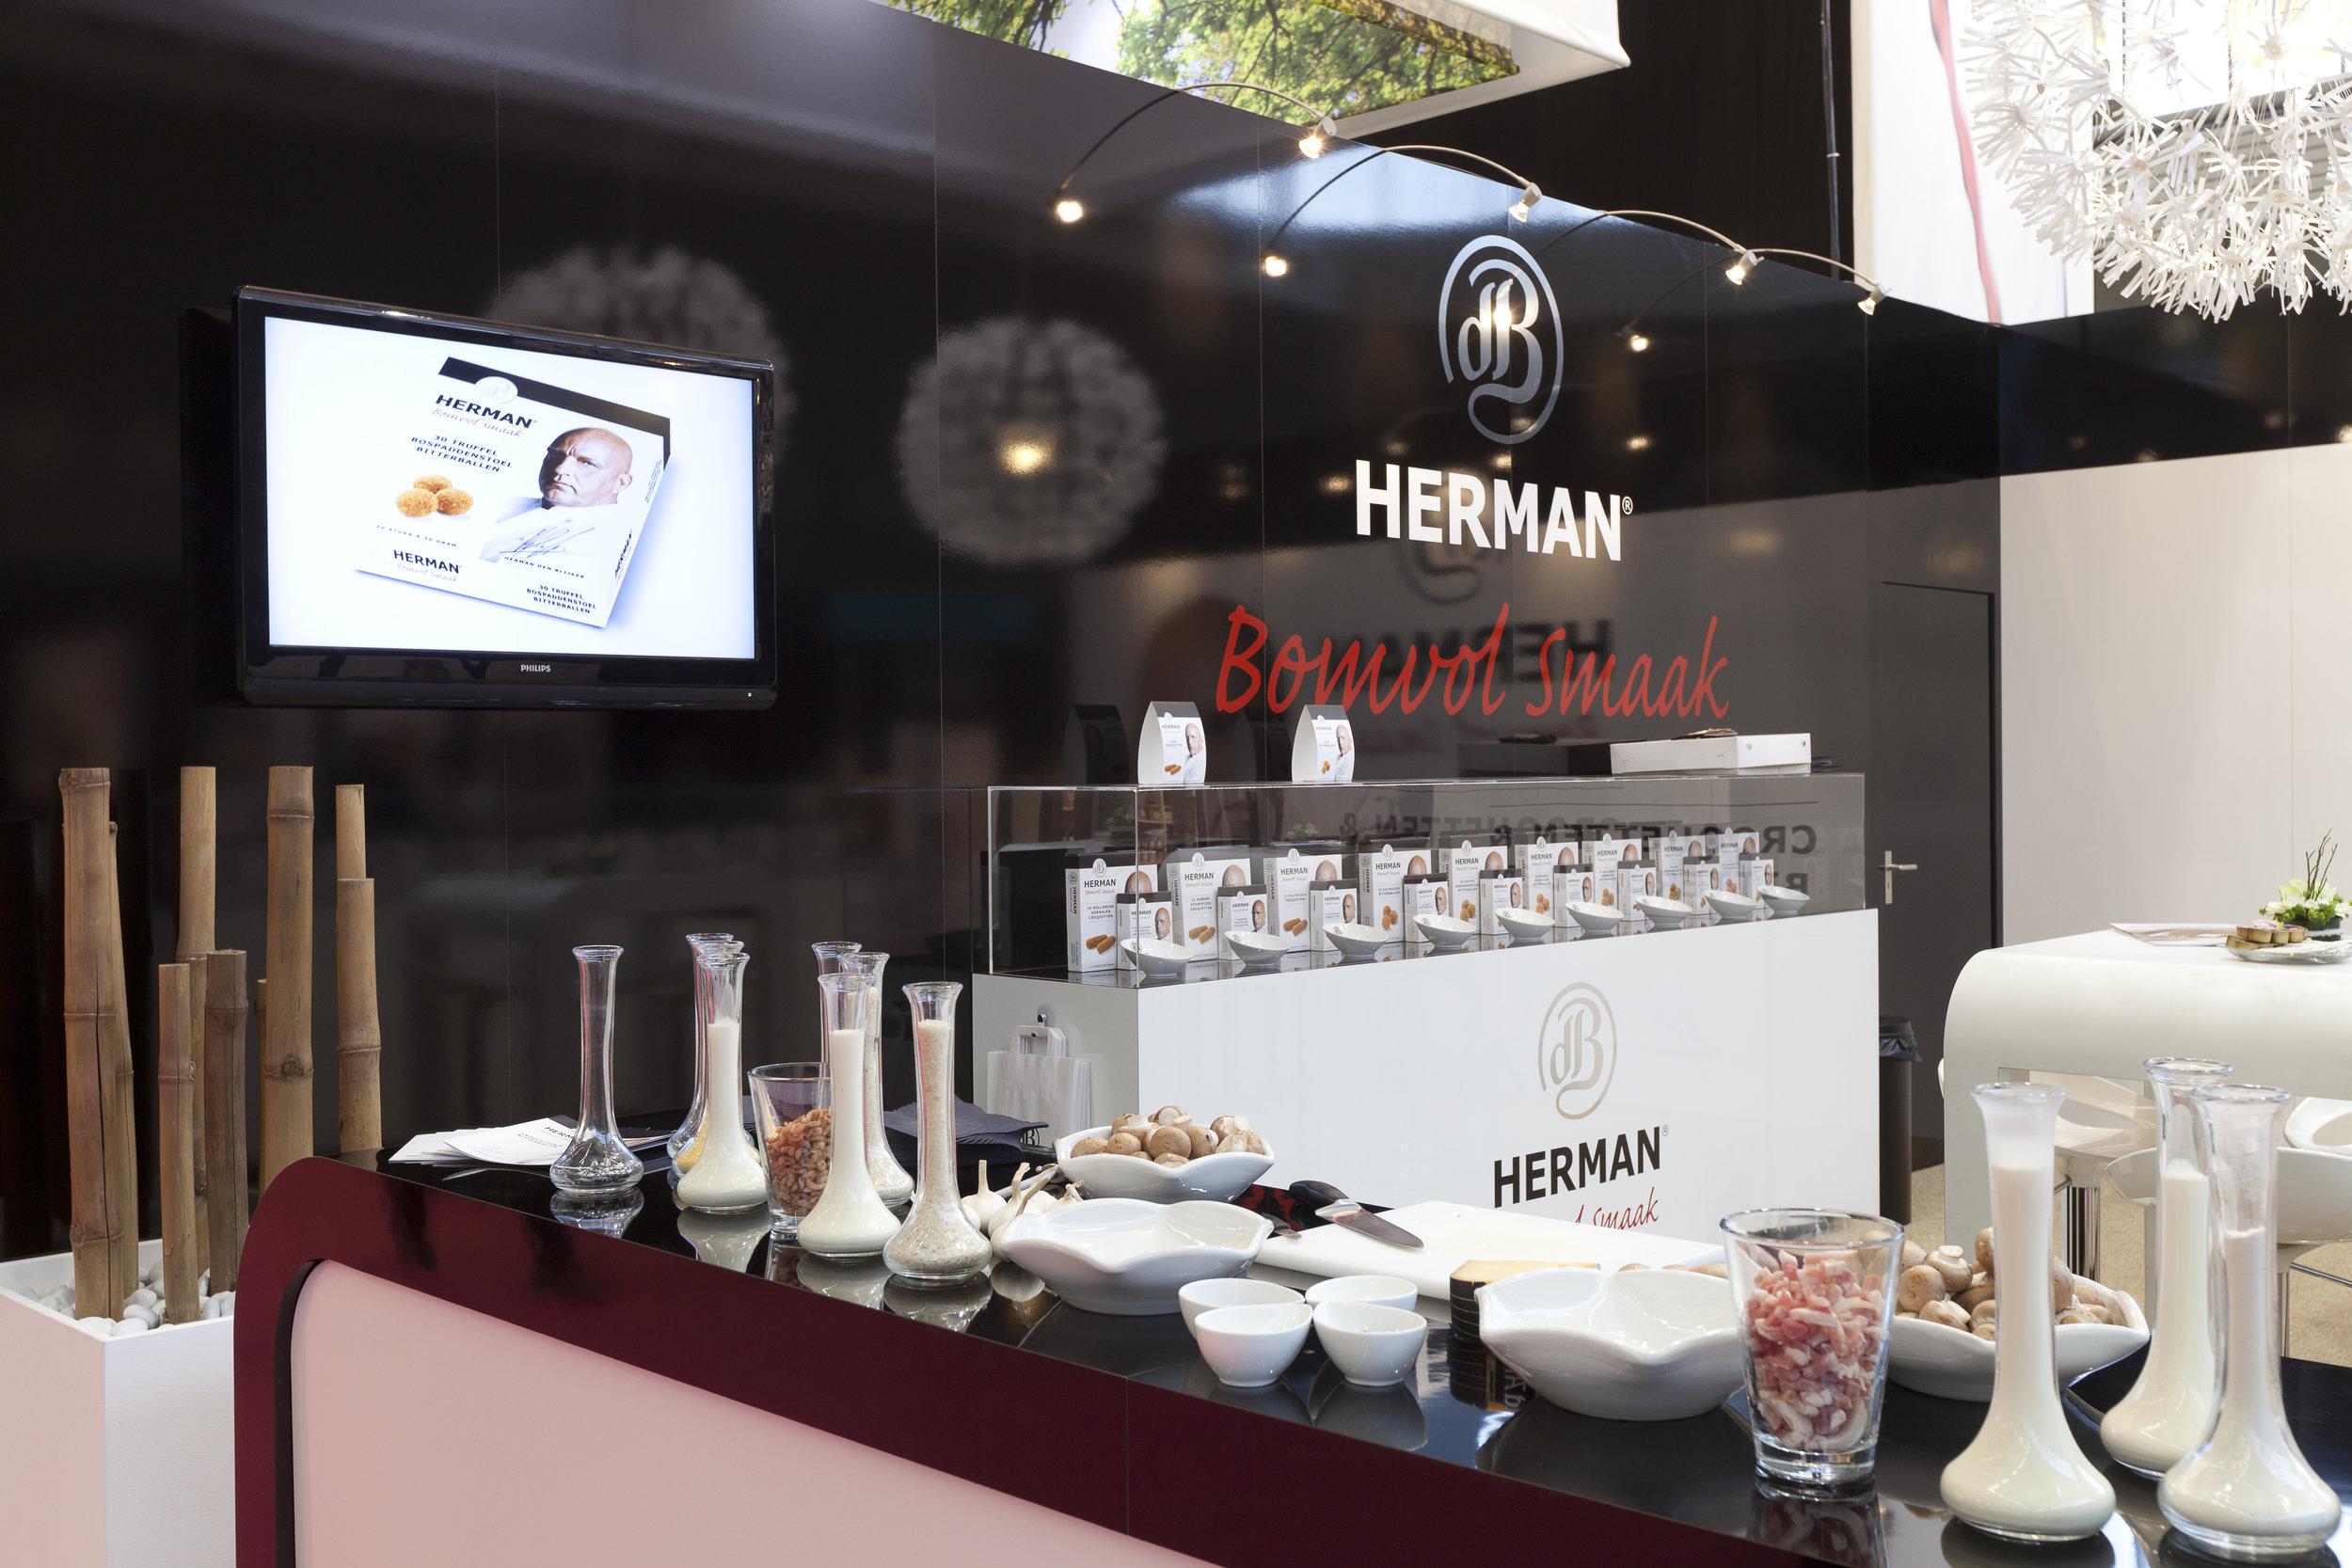 Herman-8.jpg